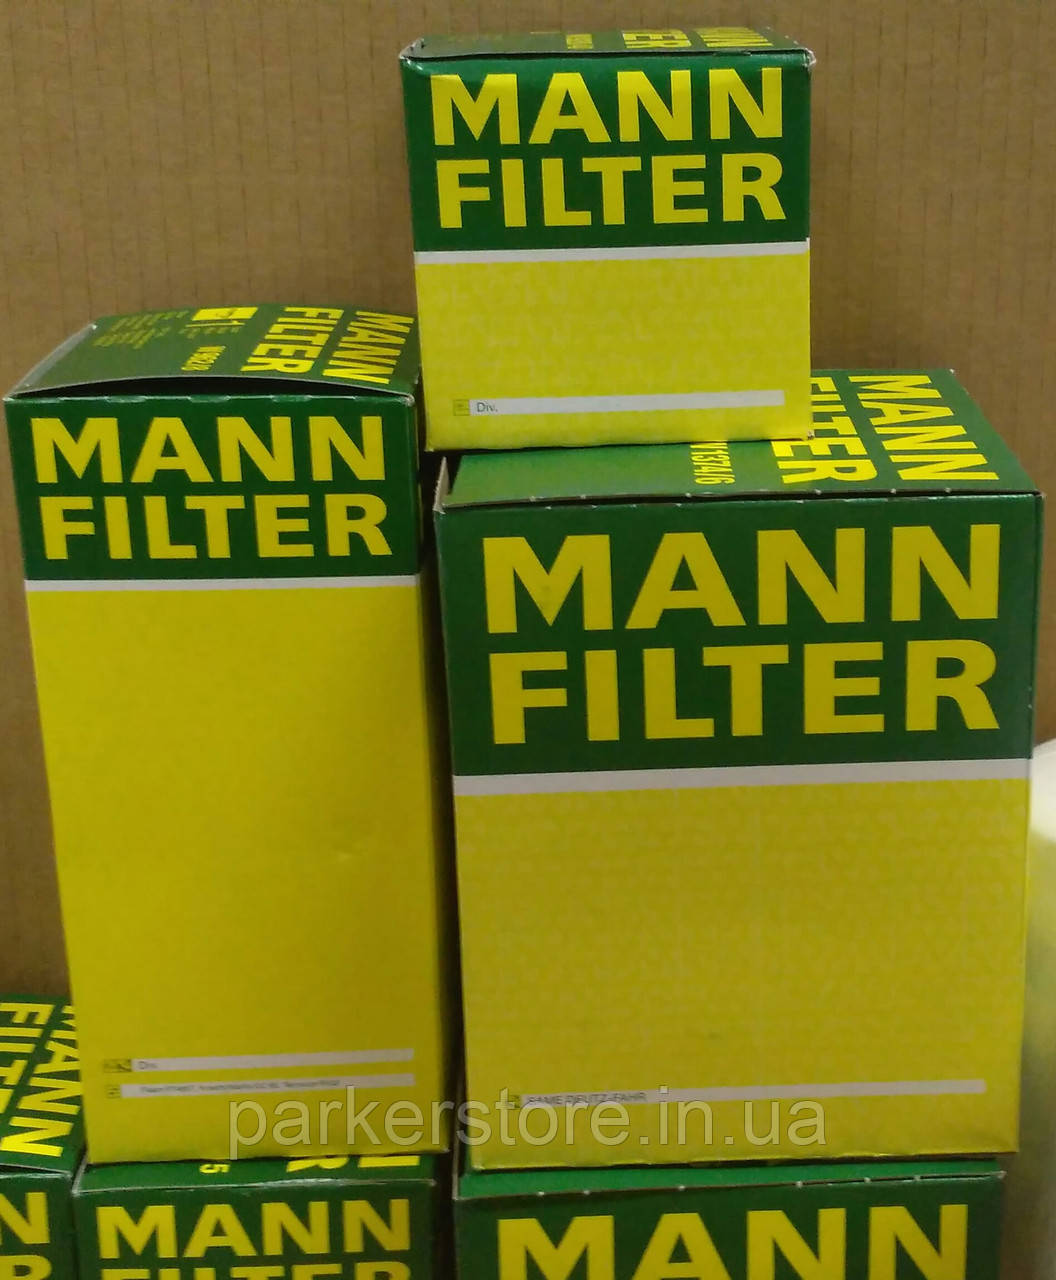 MANN FILTER / Воздушный фильтр / C 26 021 / C26021